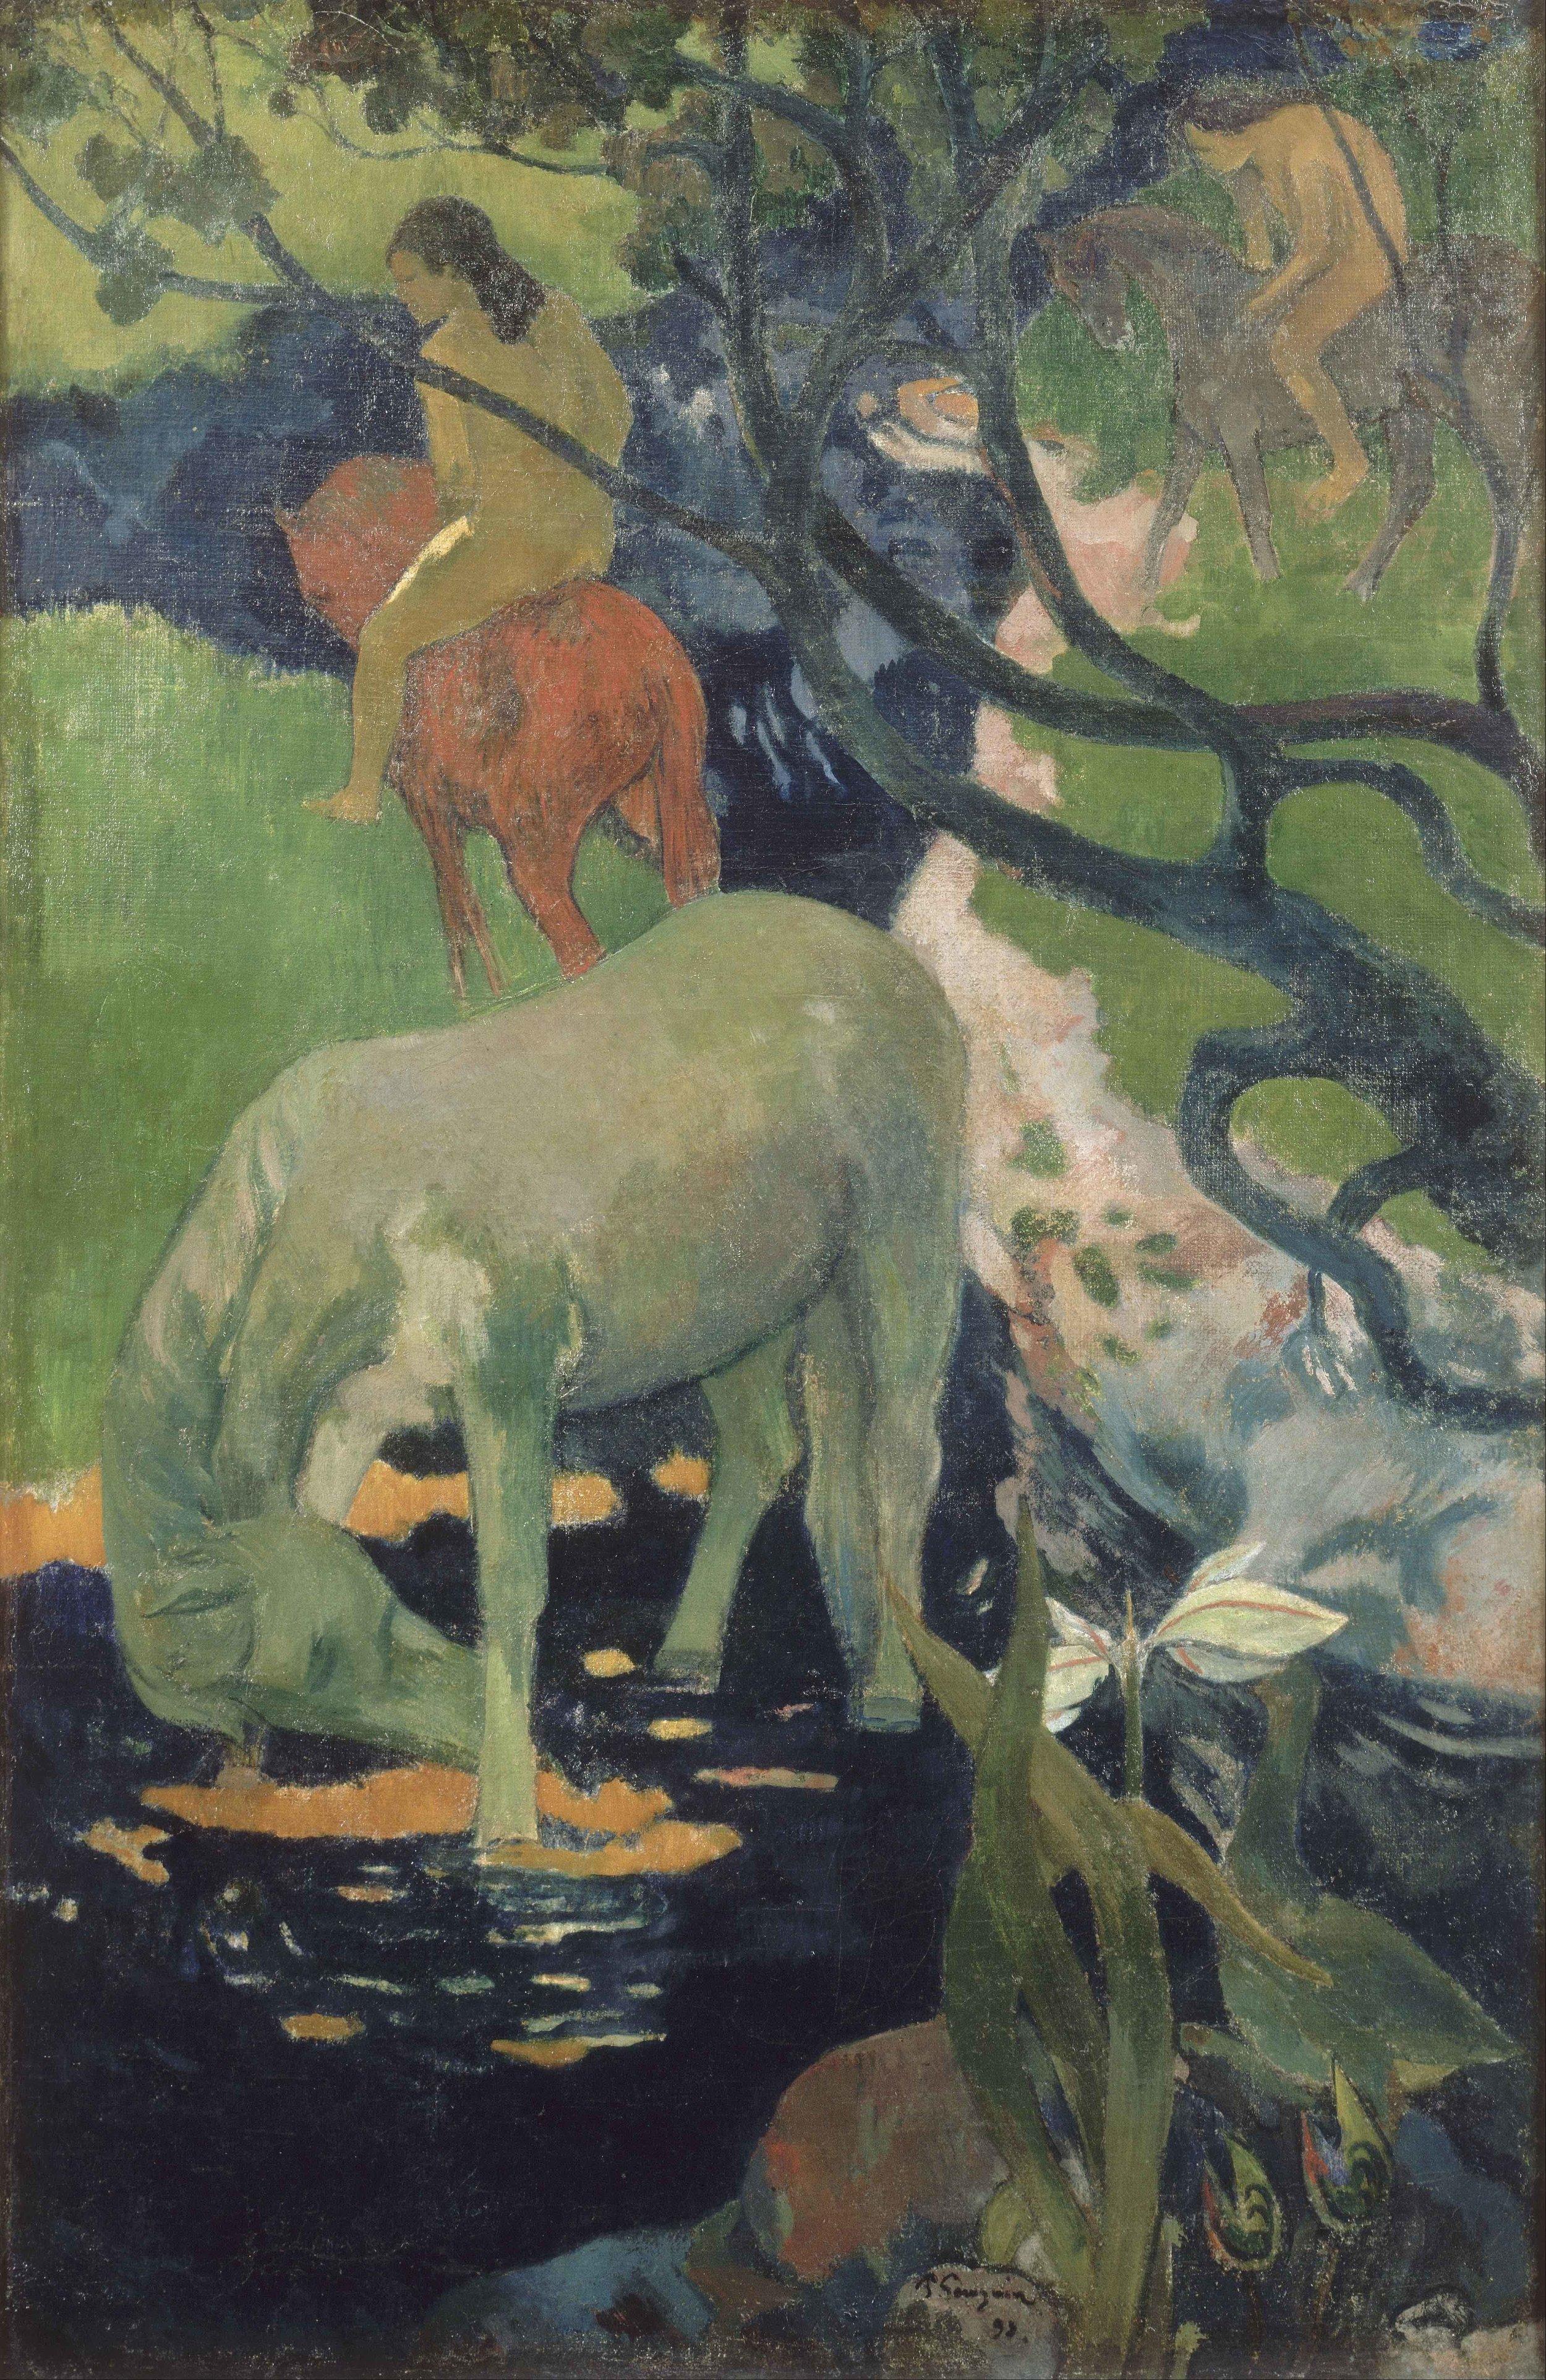 06-The_White_Horse_rd.jpg